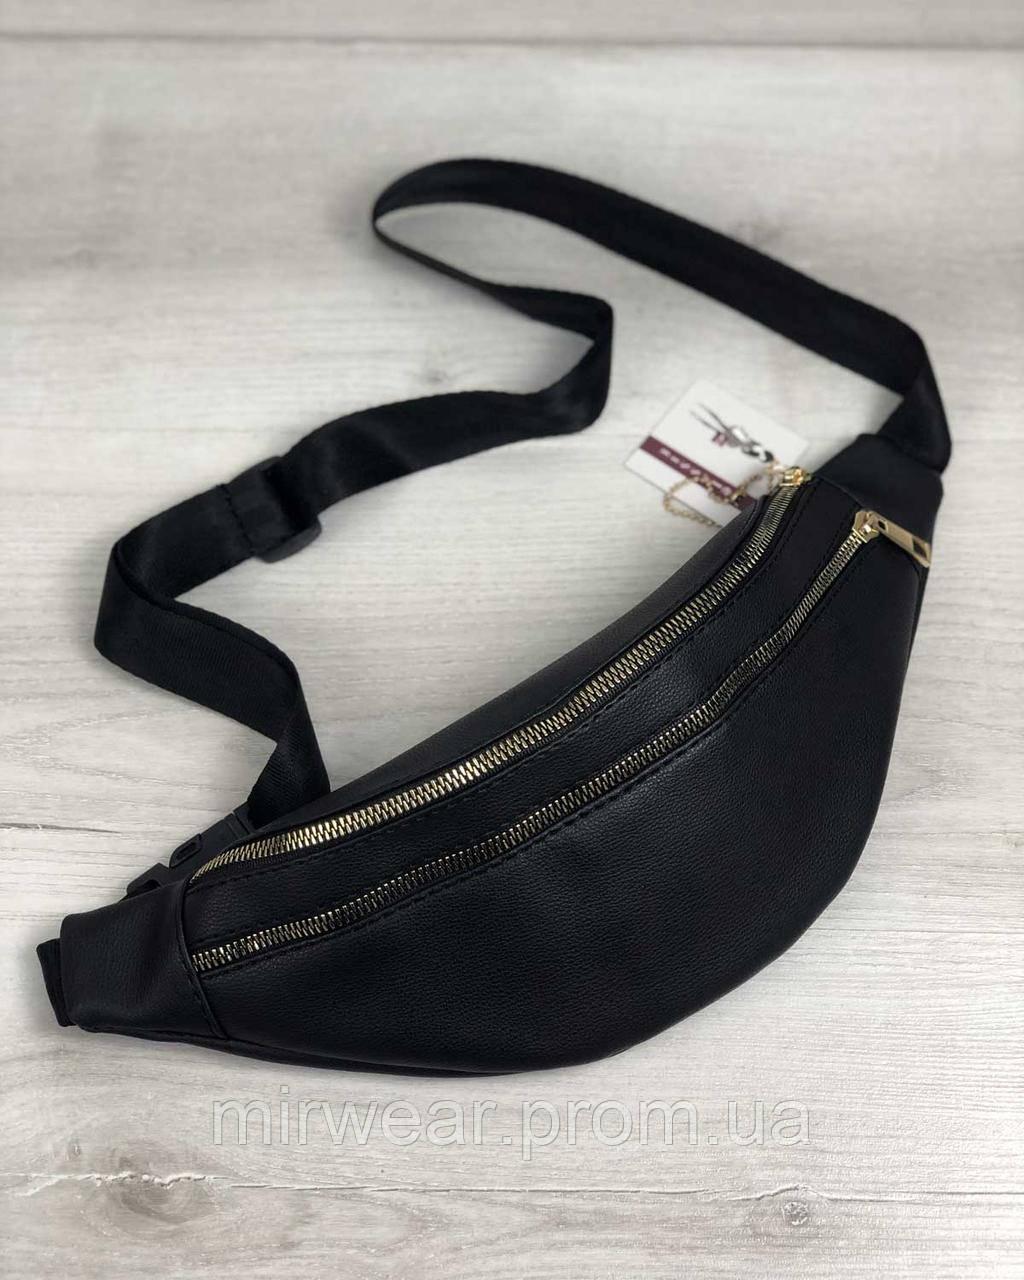 e6e424874f30 Купить Женская сумка Бананка на два отделения черного цвета оптом в ...